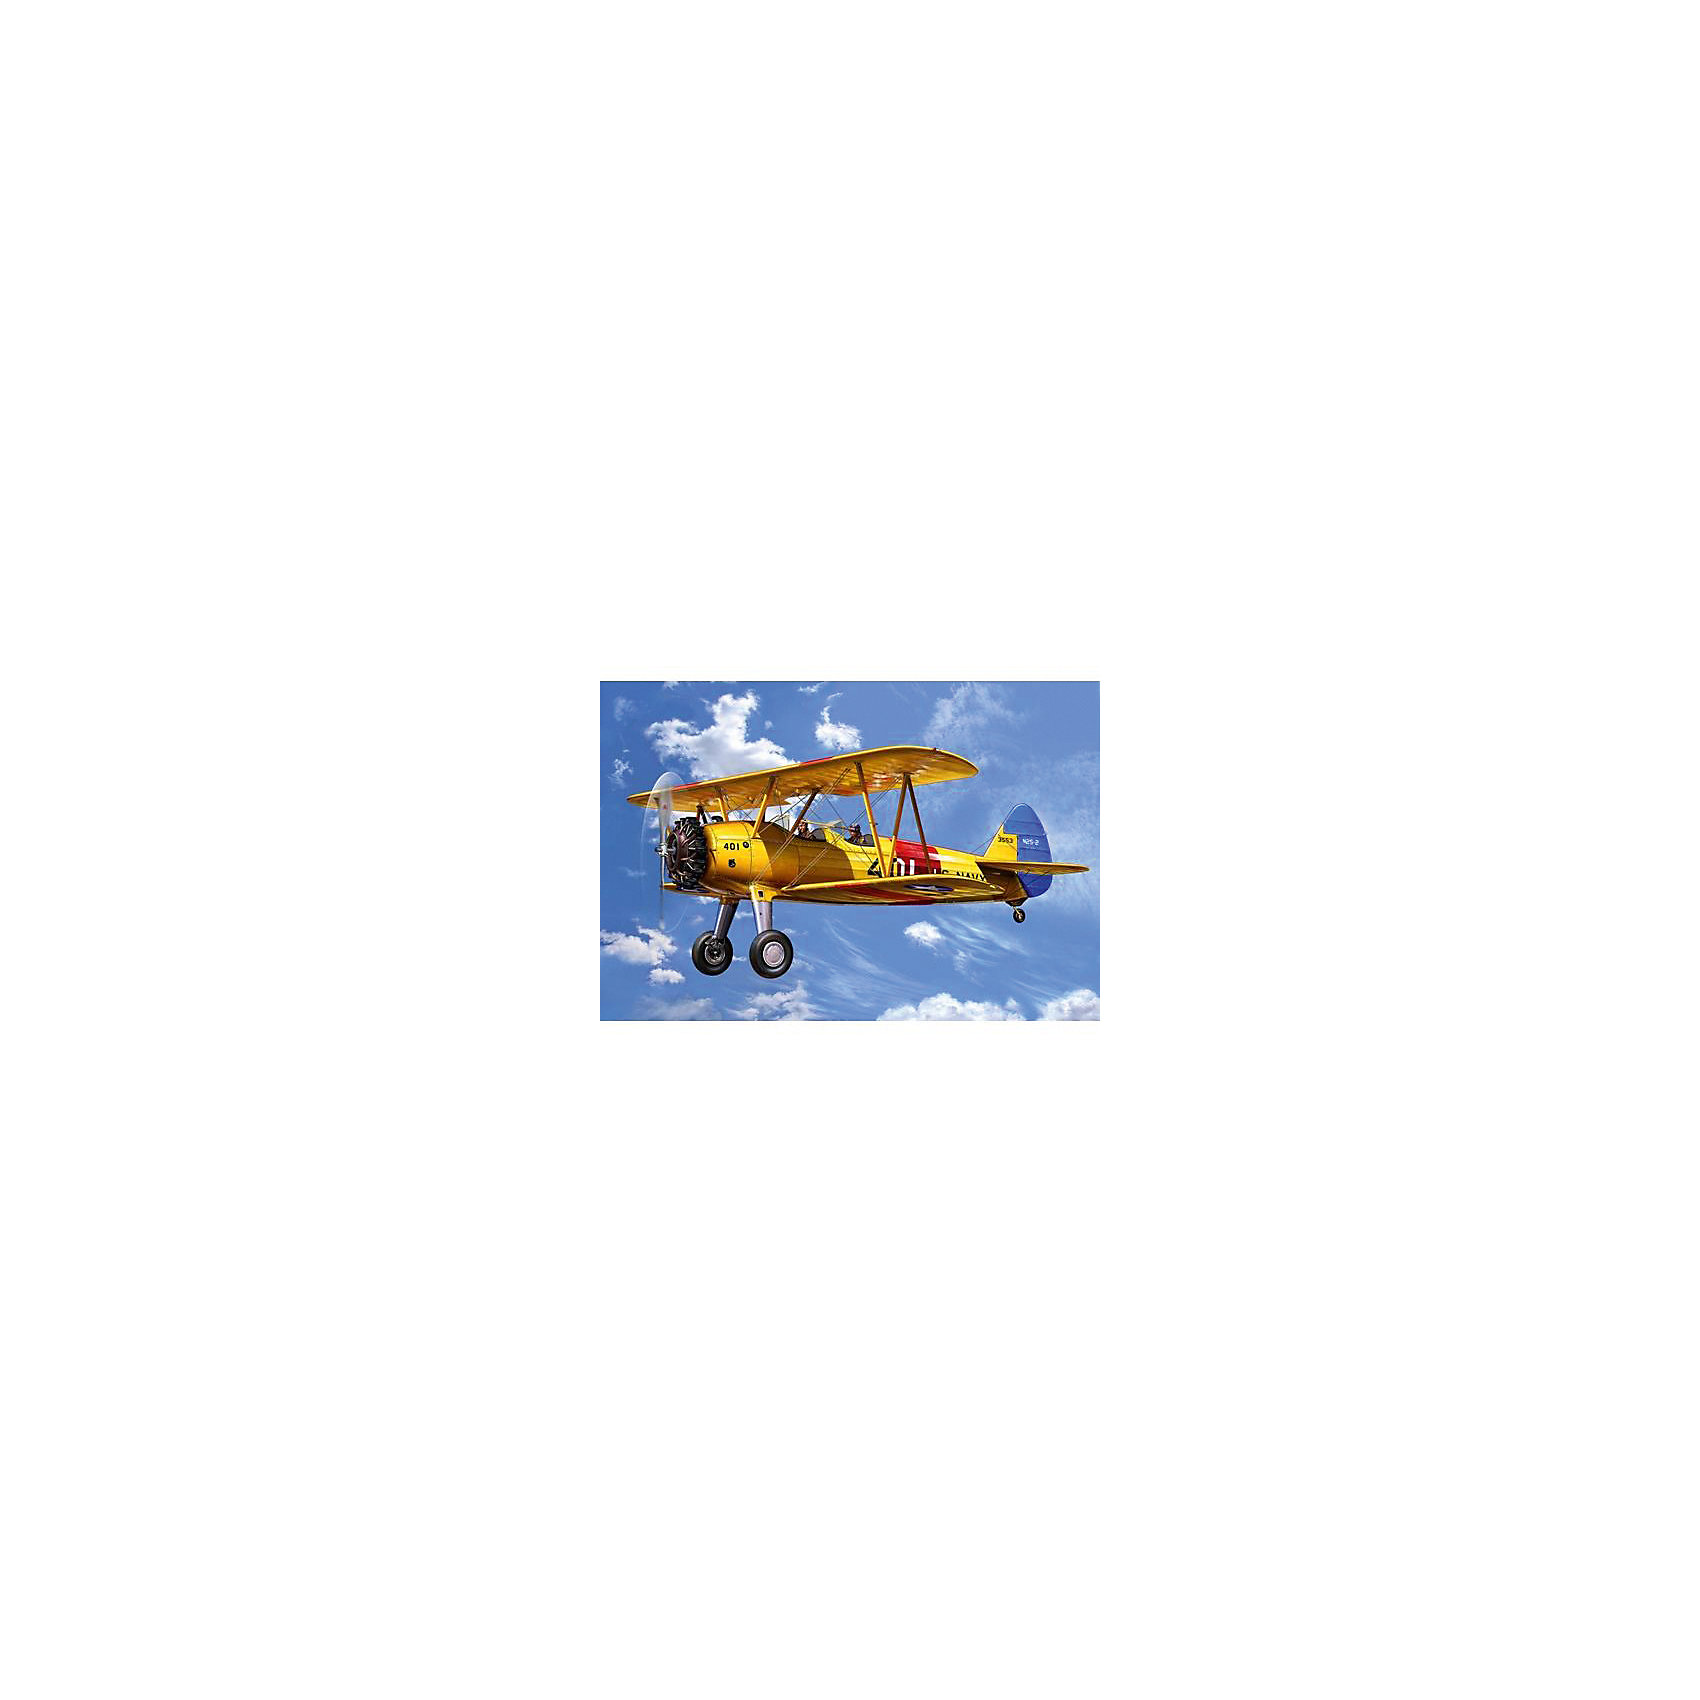 Самолет Биплан Стирмен PT-13D Kaydet, американскийМодели для склеивания<br>Самолет Биплан Стирмен PT-13D Kaydet был построен авиастоительная корпорация Стирман(после 1934 года - Боинг). Модель Стирмен PT-13D Kaydet была разработана специально для нужд ВВС США. Мощность двигателя равнялась 163 кВ и самолет мог развивать скорость до 200 км/ч. <br>Масштаб: 1:72 <br>Количество деталей: 29 <br>Длина: 105 мм <br>Размах крыльев: 132 мм <br>Клей и краски в комплект не входят<br><br>Ширина мм: 9999<br>Глубина мм: 9999<br>Высота мм: 9999<br>Вес г: 9999<br>Возраст от месяцев: 120<br>Возраст до месяцев: 2147483647<br>Пол: Мужской<br>Возраст: Детский<br>SKU: 7122373